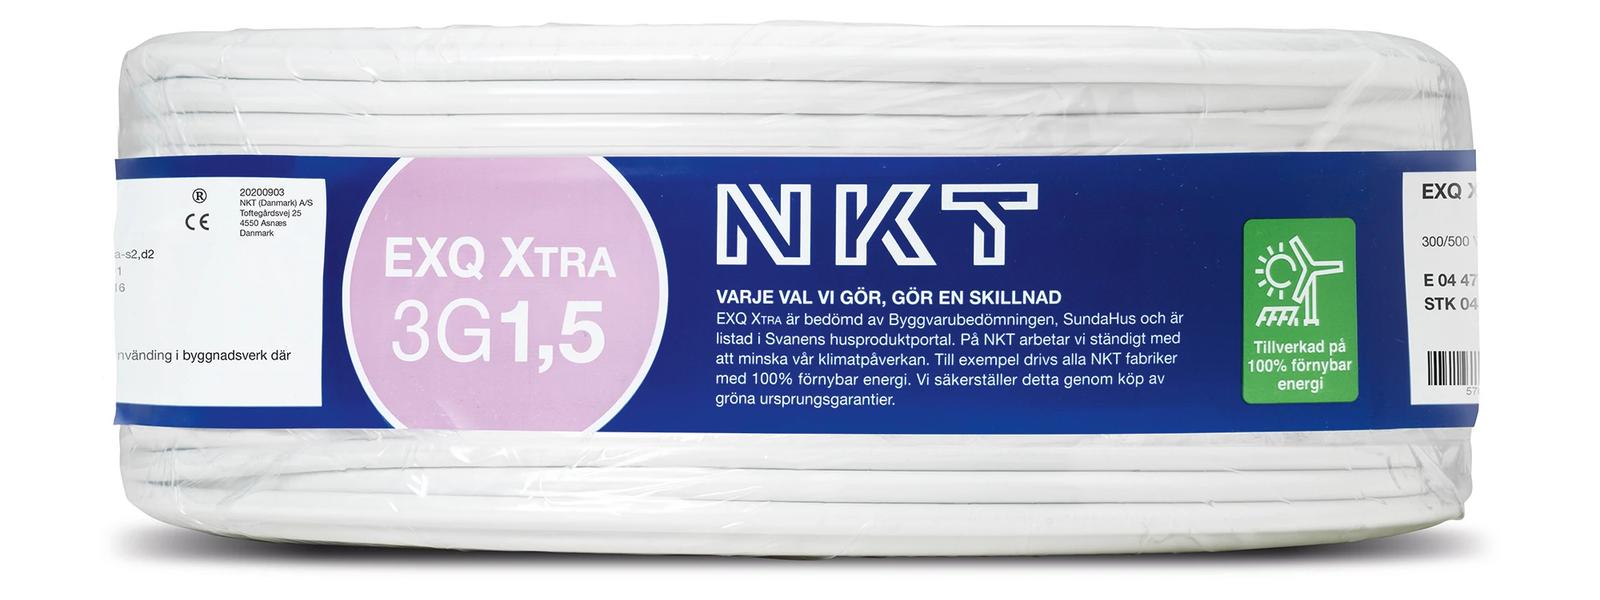 NKT EXQ Xtra_CB.jpg